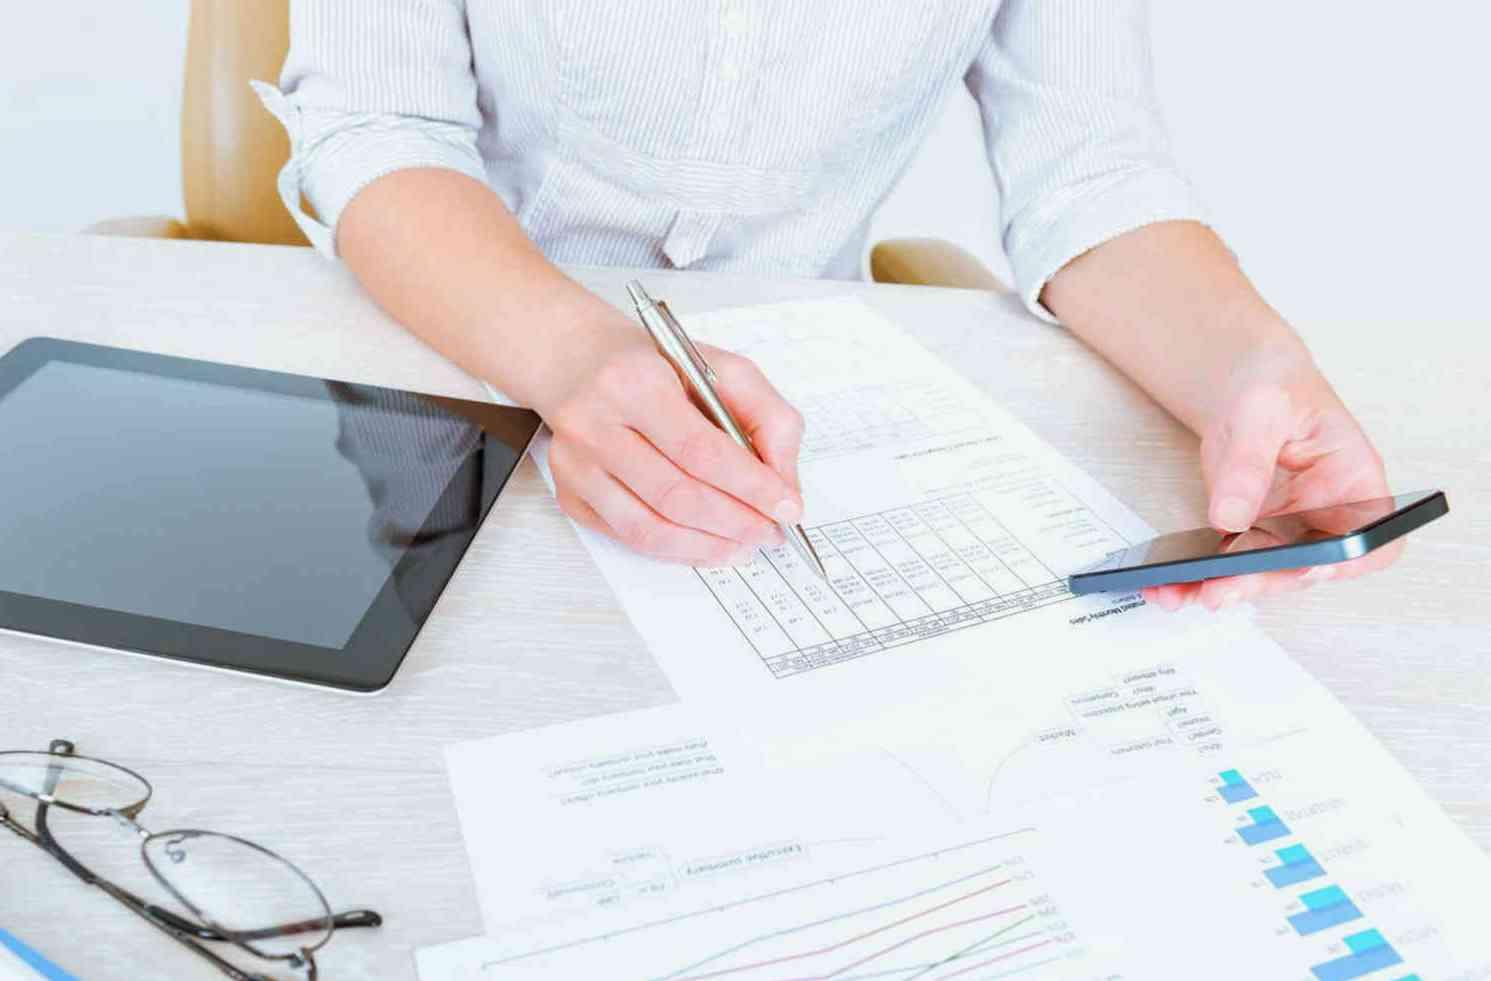 Банк определяет платежеспособность клиента